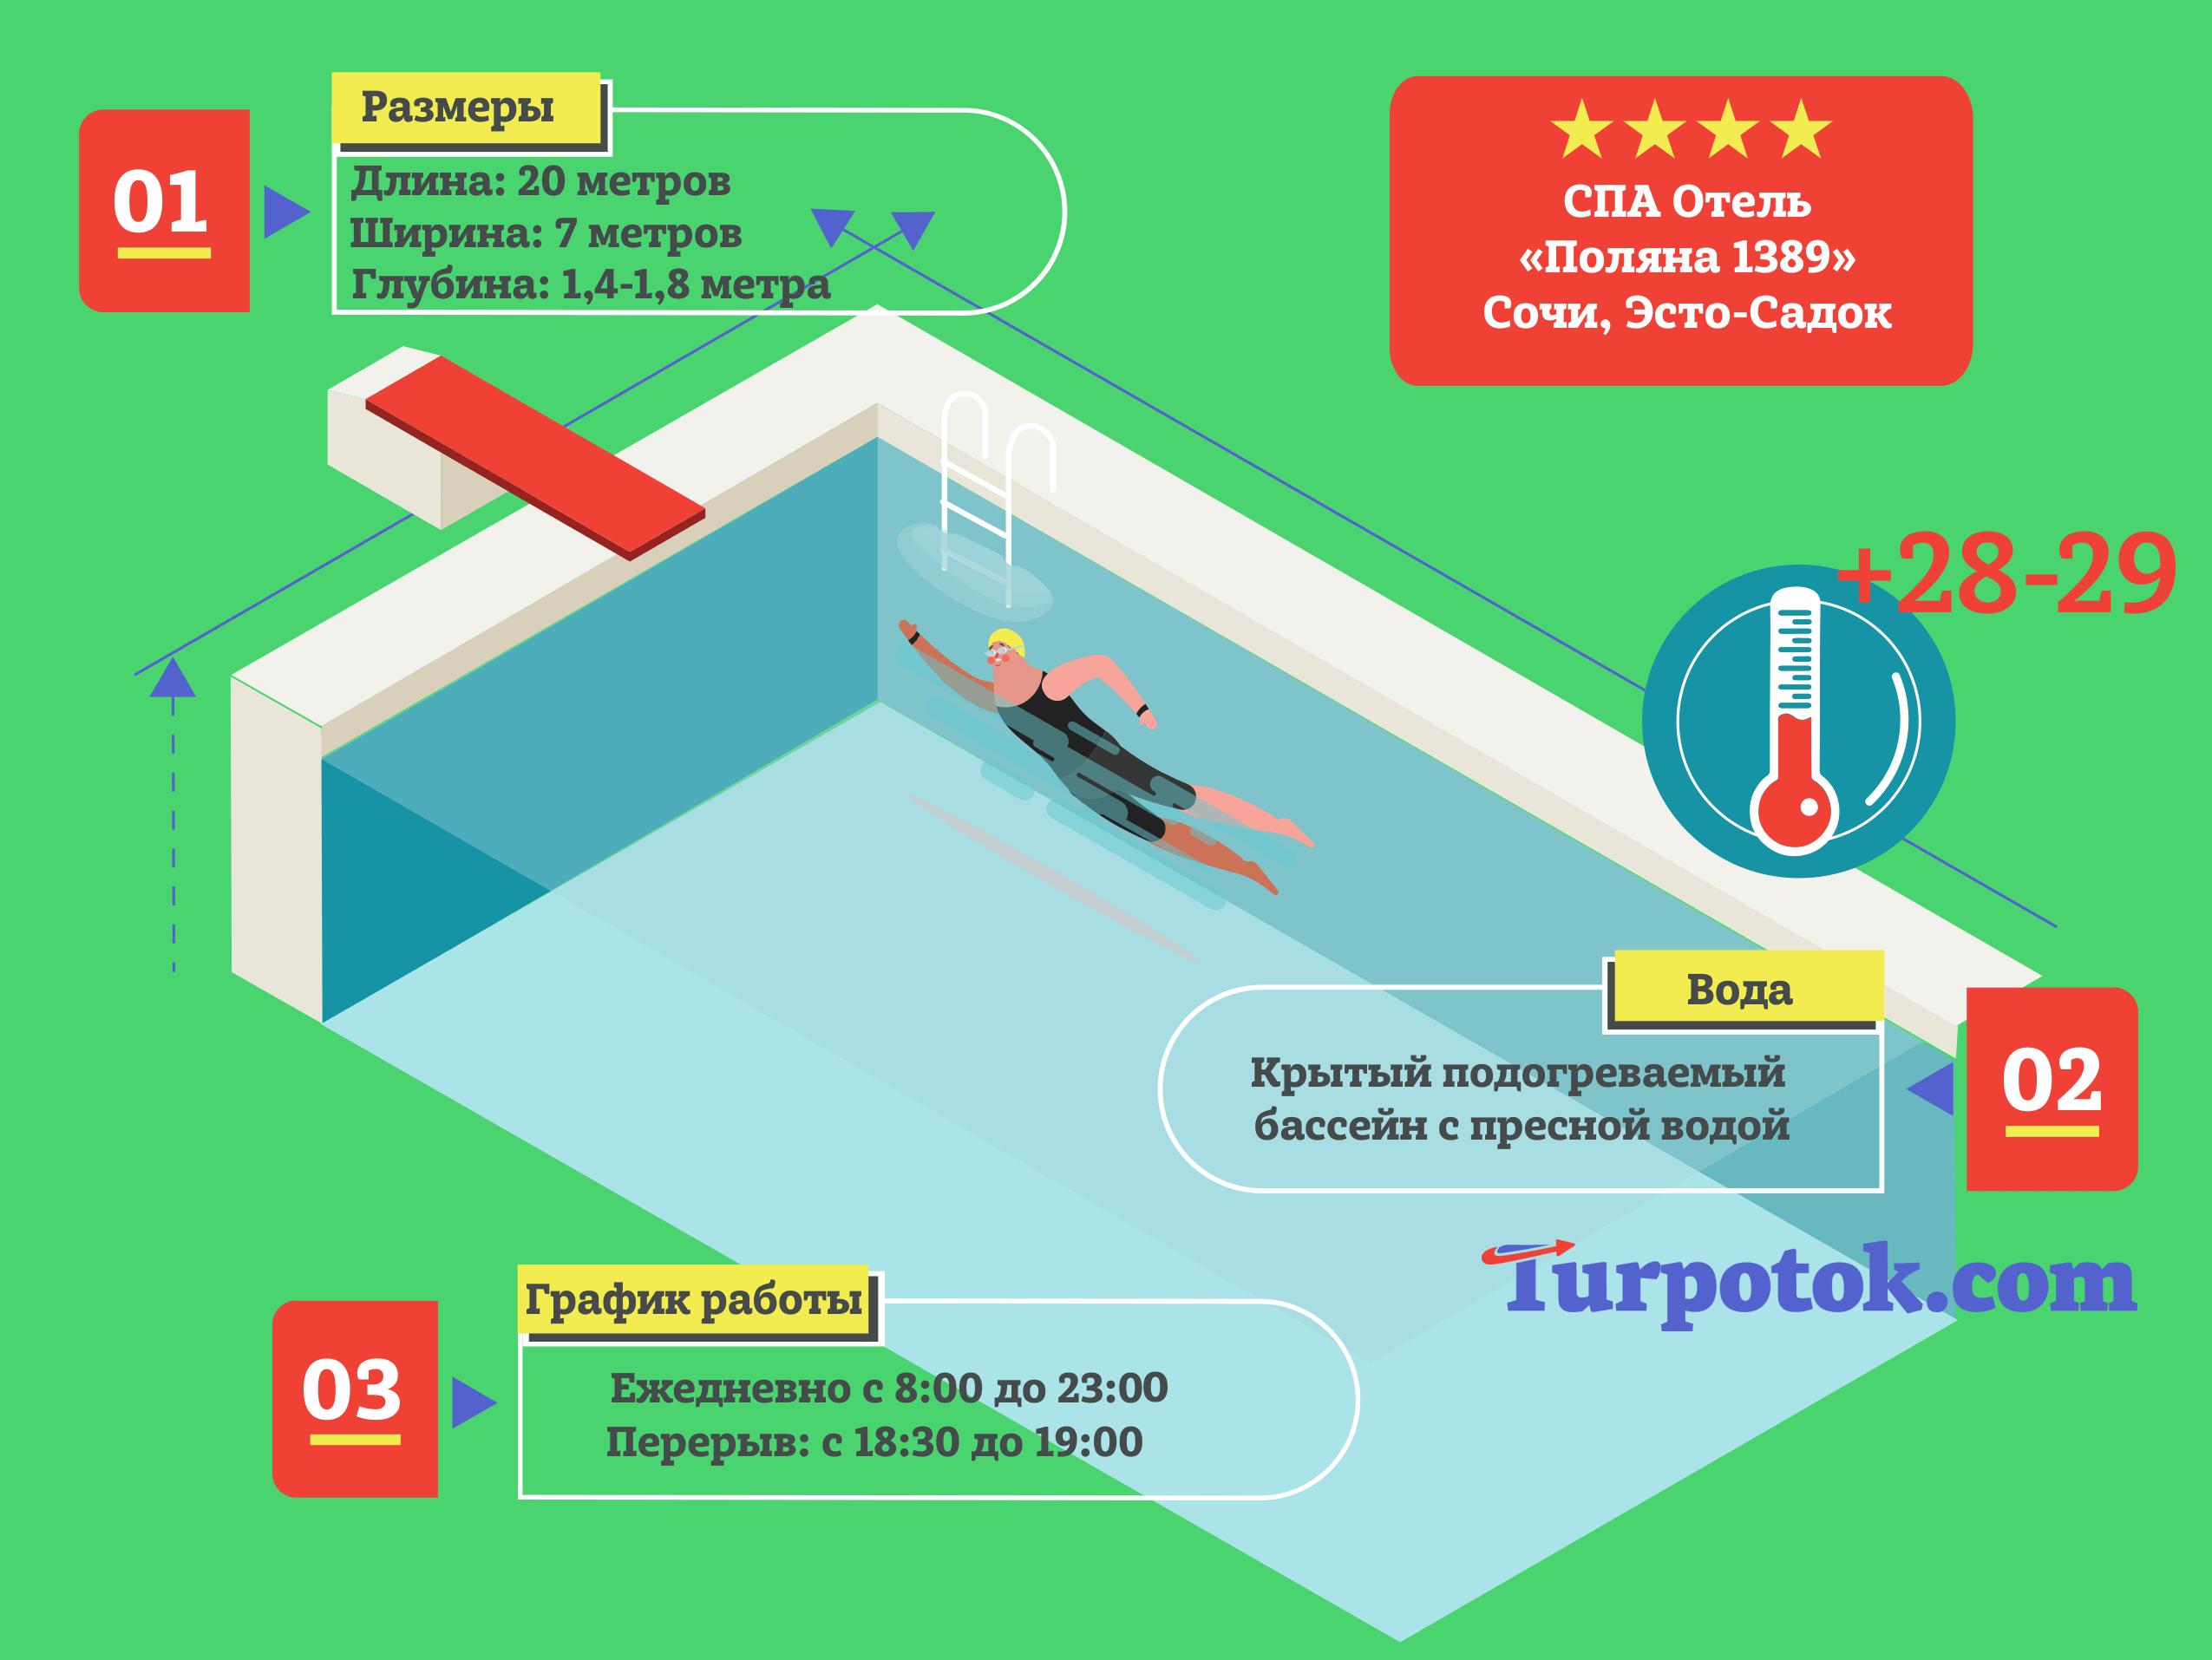 """Инфографика про бассейн в гранд-отеле """"Поляна 1389"""" (г. Сочи)"""